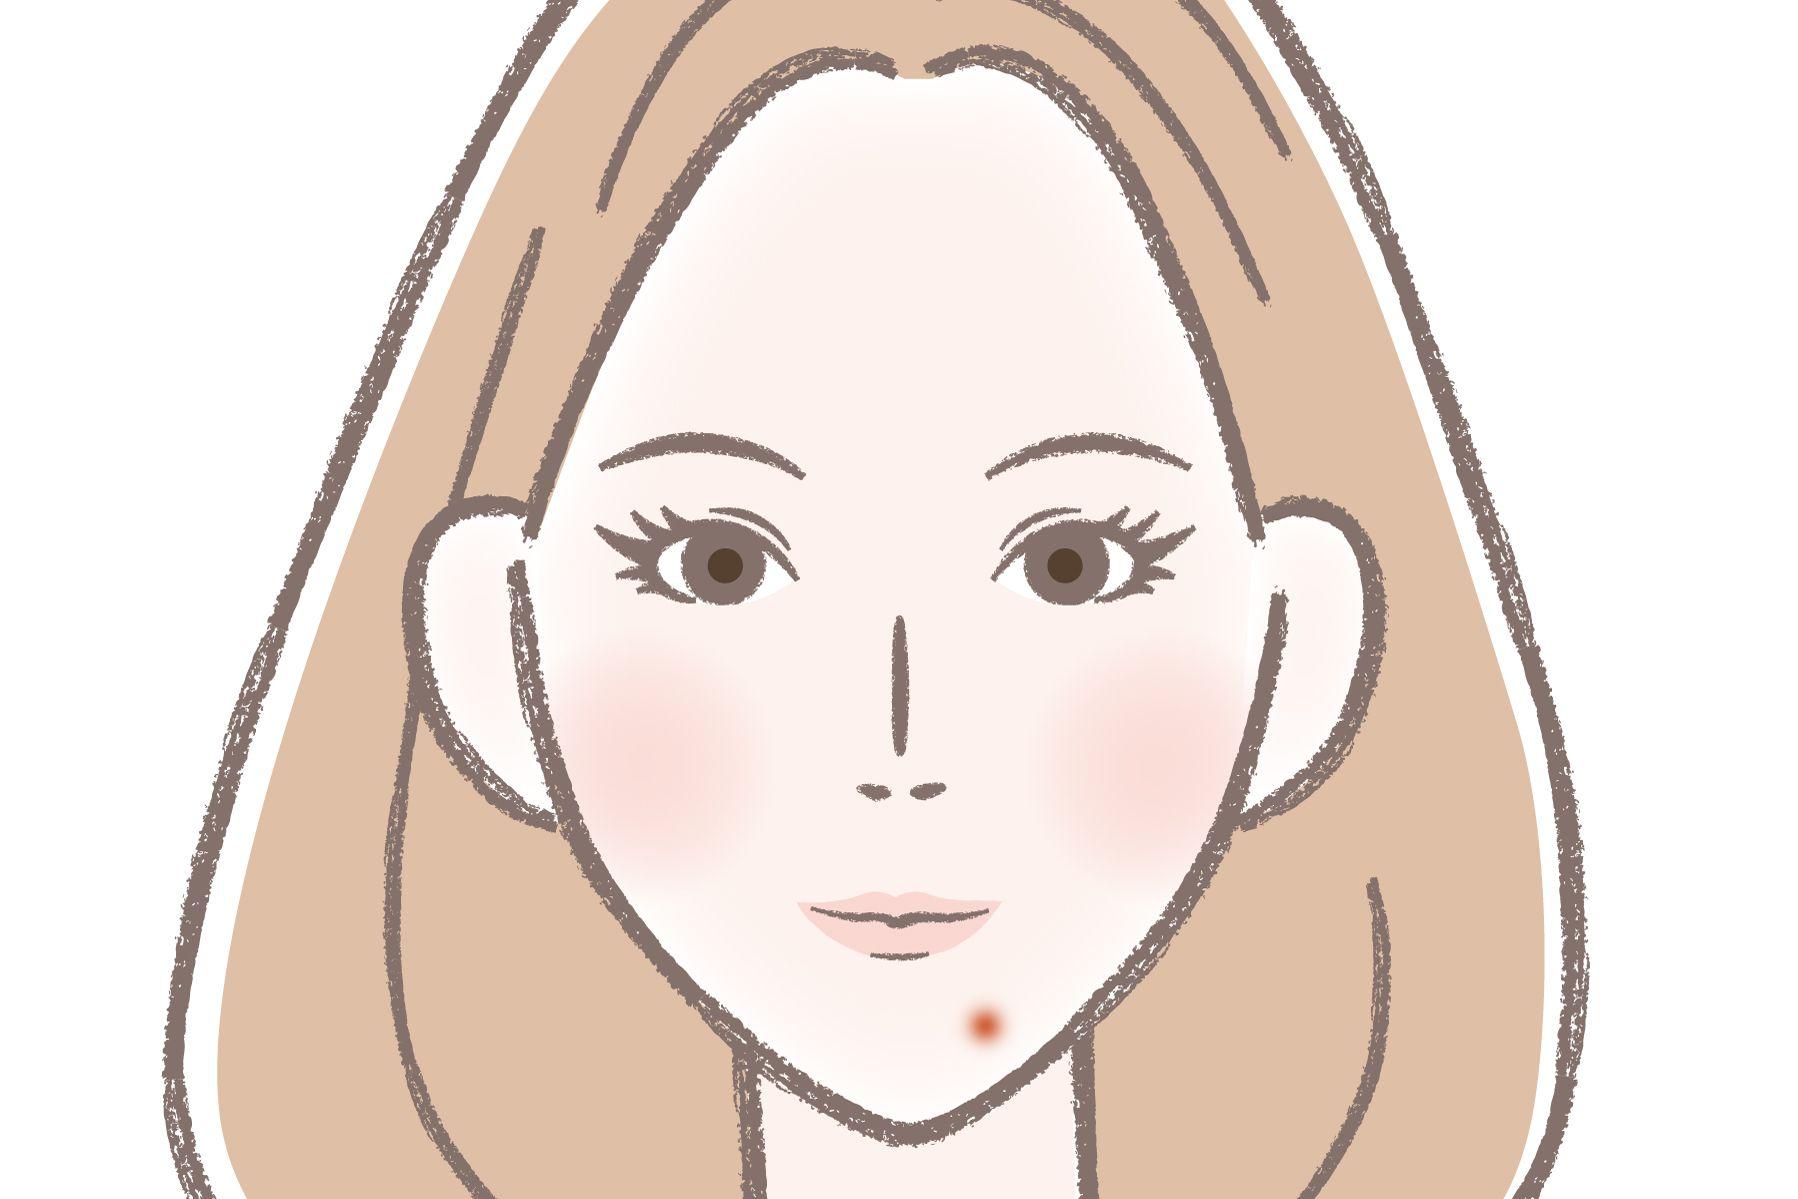 ニキビ 意味 顎